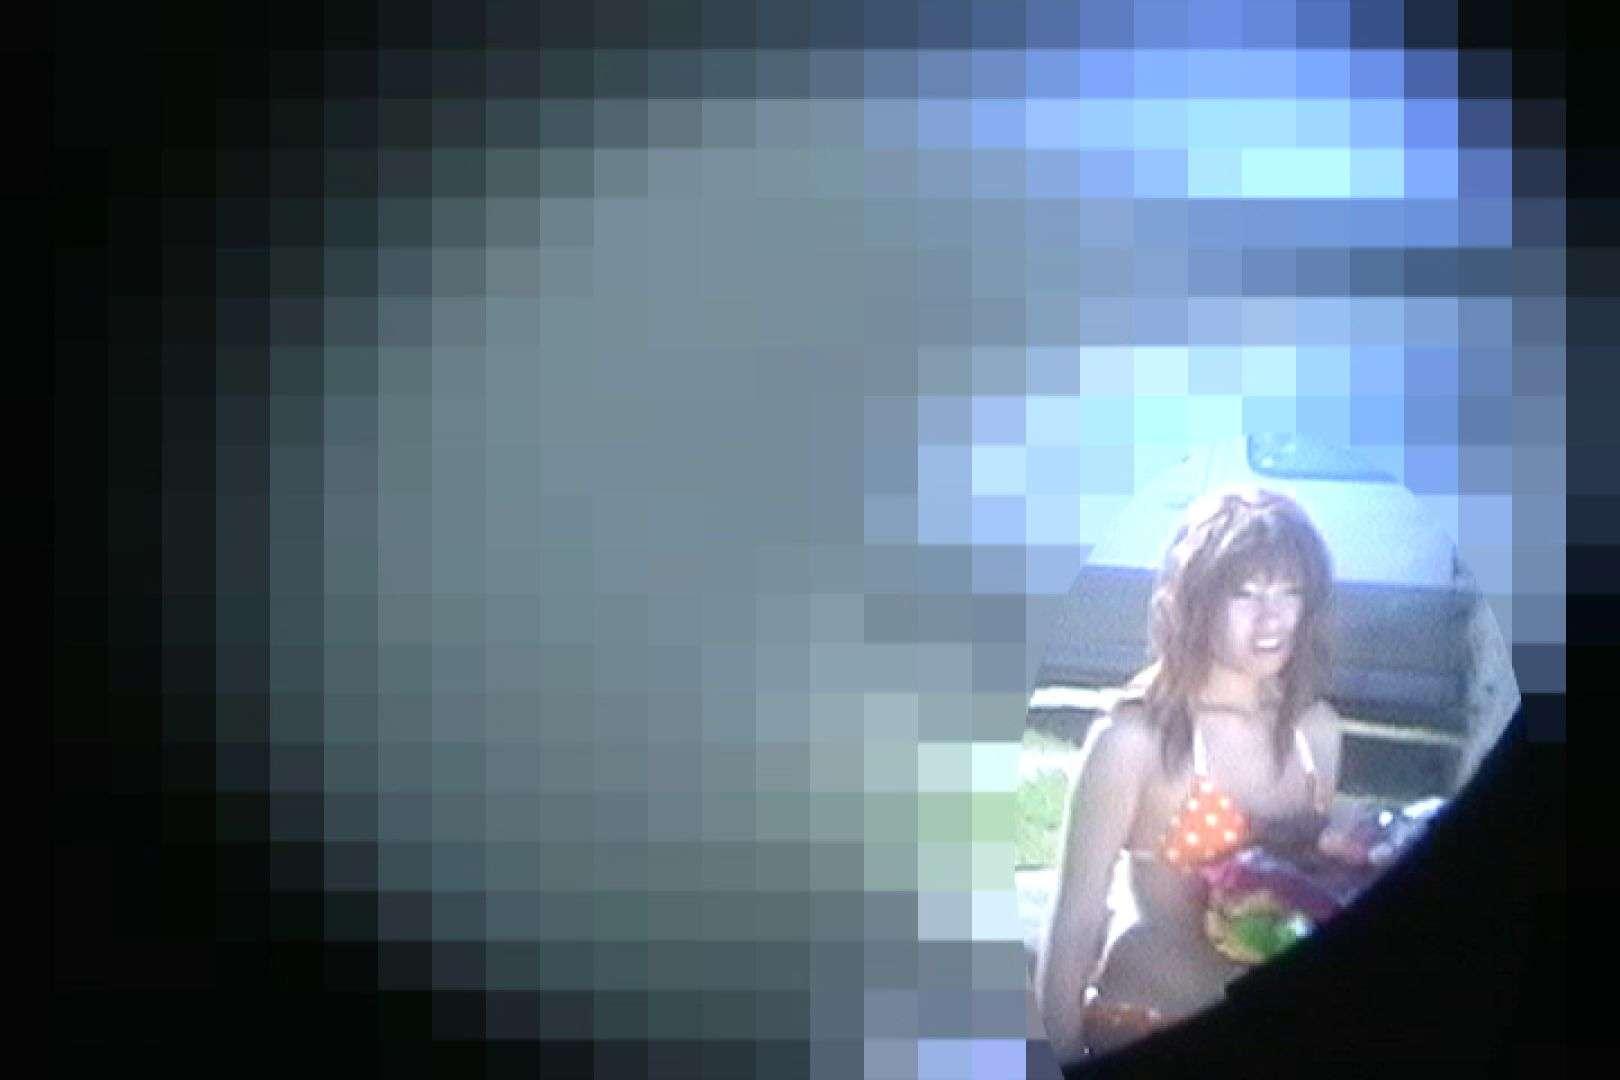 No.54 薄っすらとタテスジ見えたような見えないような・・・ シャワー室 AV無料動画キャプチャ 53画像 4